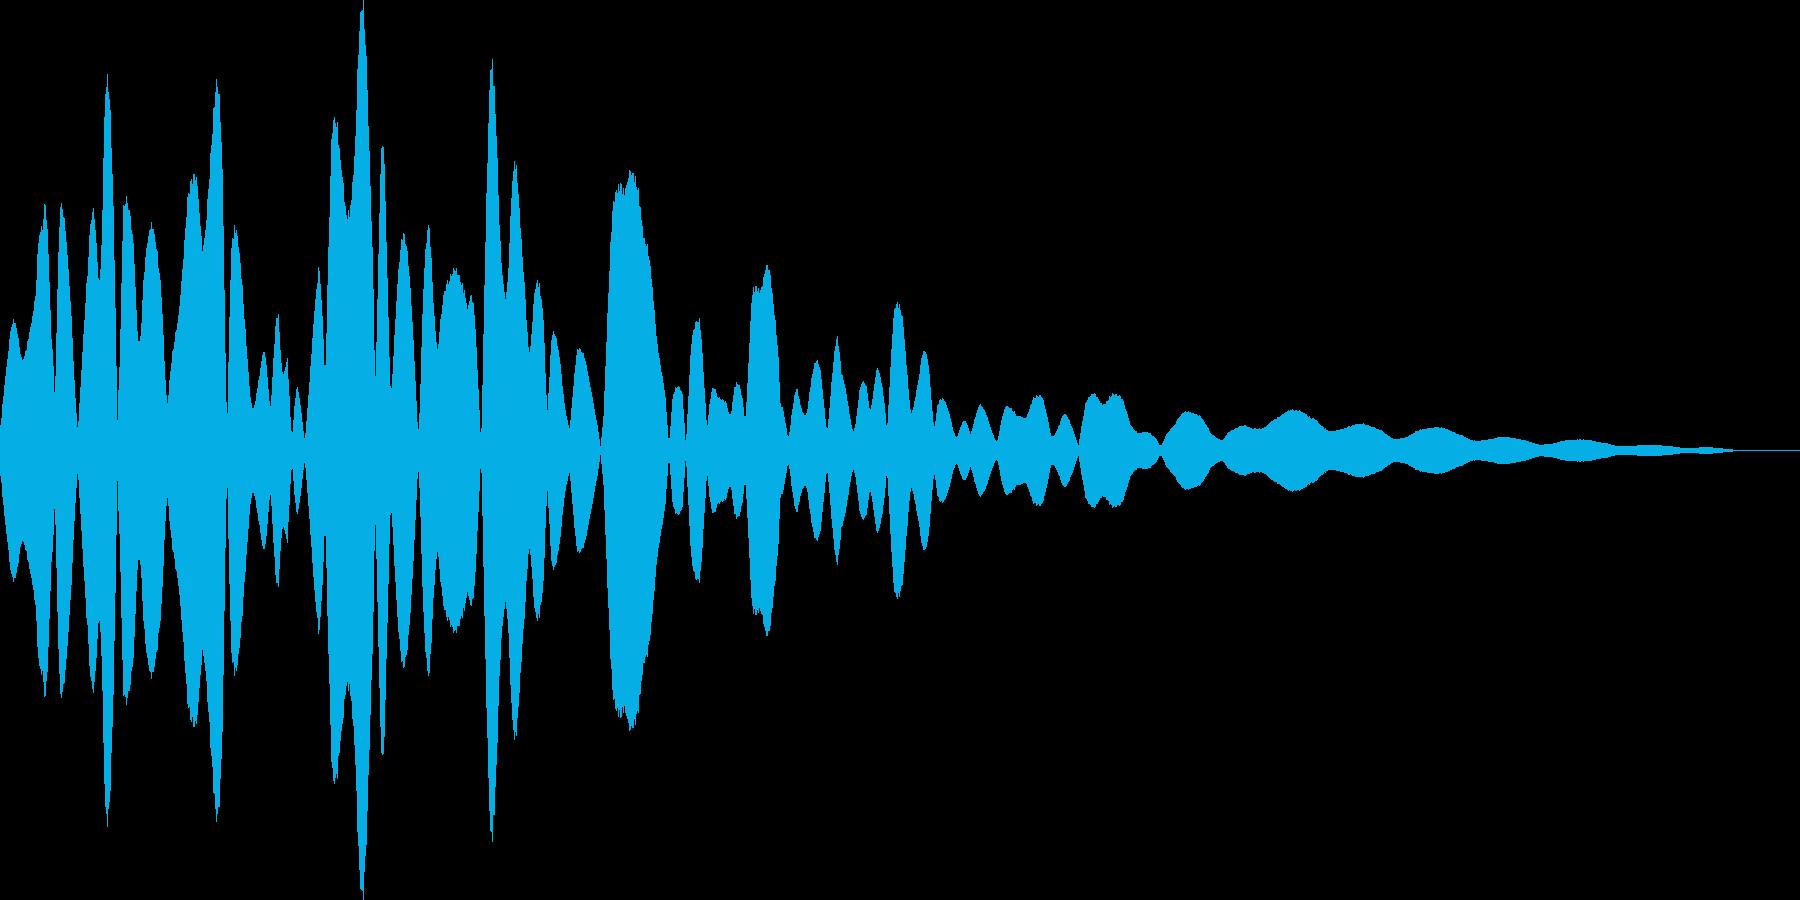 チリン(鈴 風鈴 タッチ音)の再生済みの波形